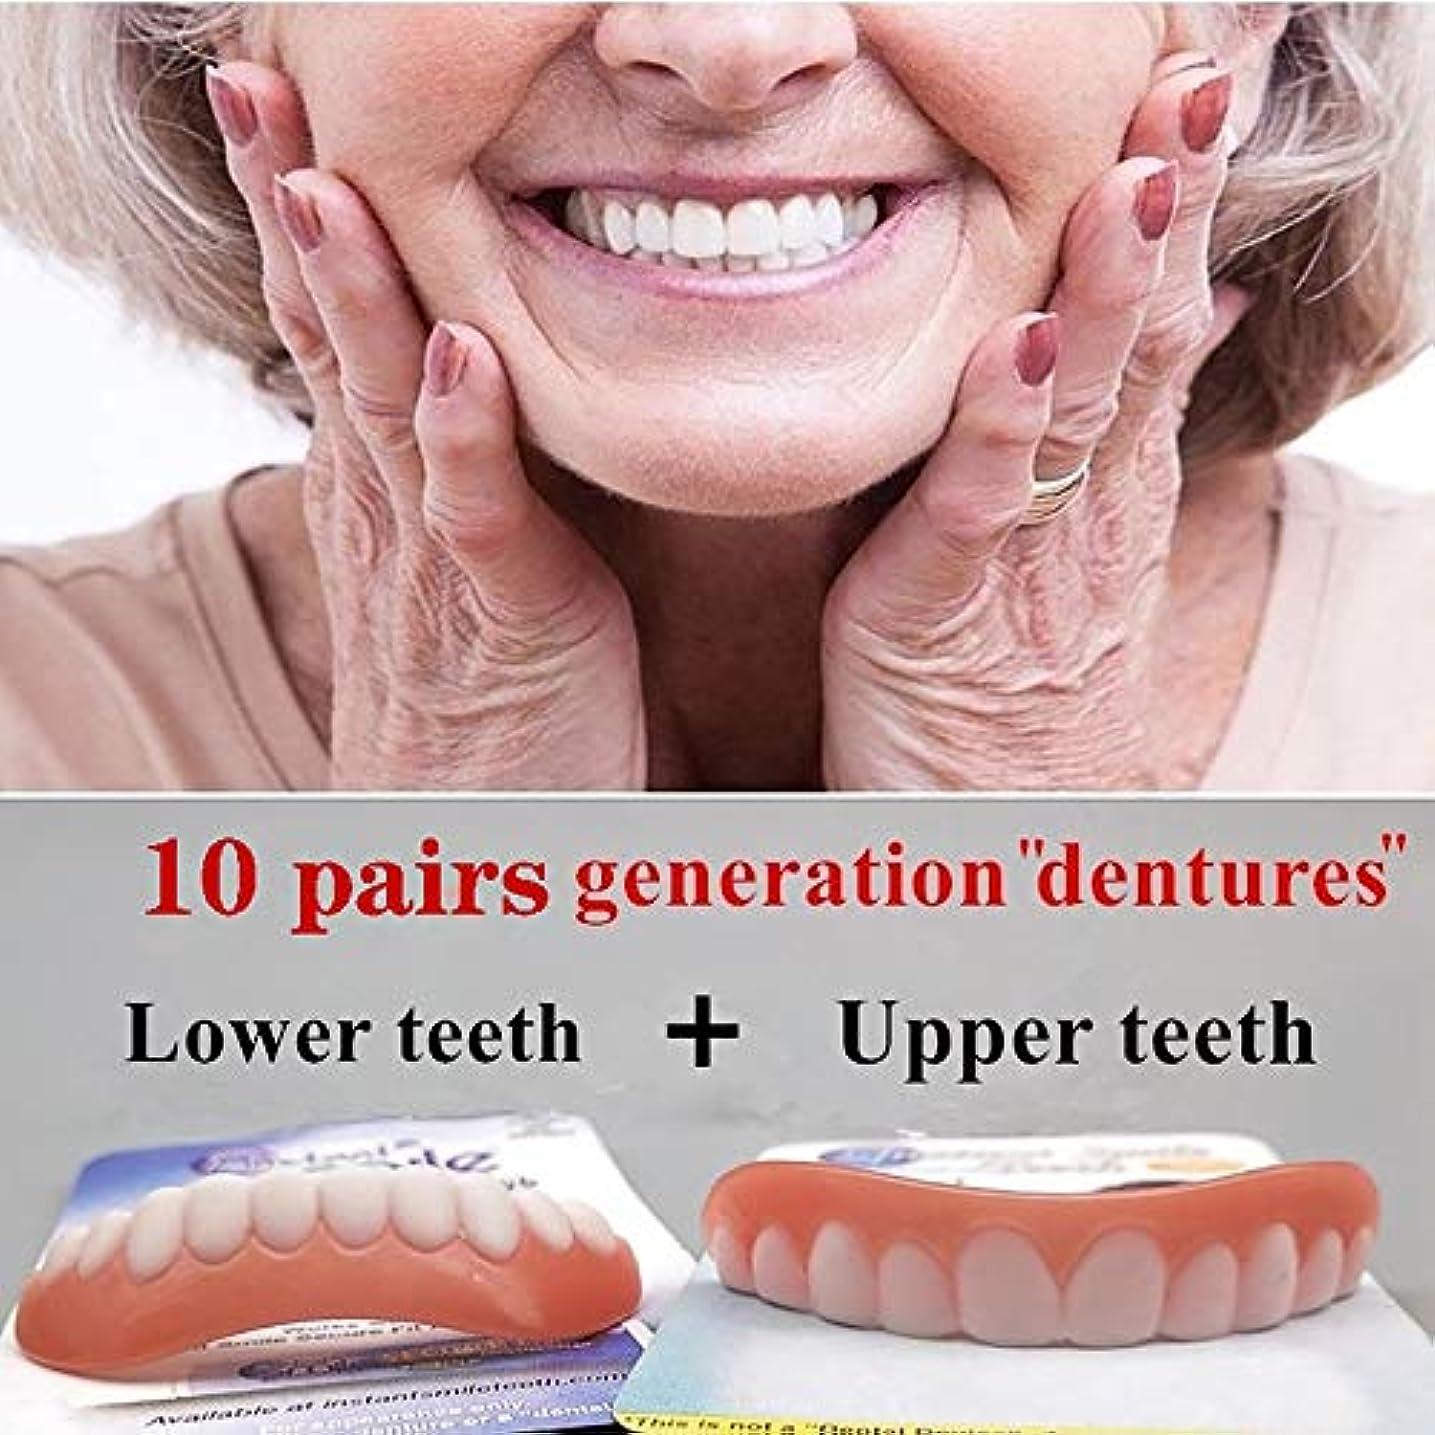 徹底絶滅論争の的20個の歯の快適さフィットフレックス化粧品の歯義歯の歯のトップ化粧品のベニヤシミュレーションブレース新しい